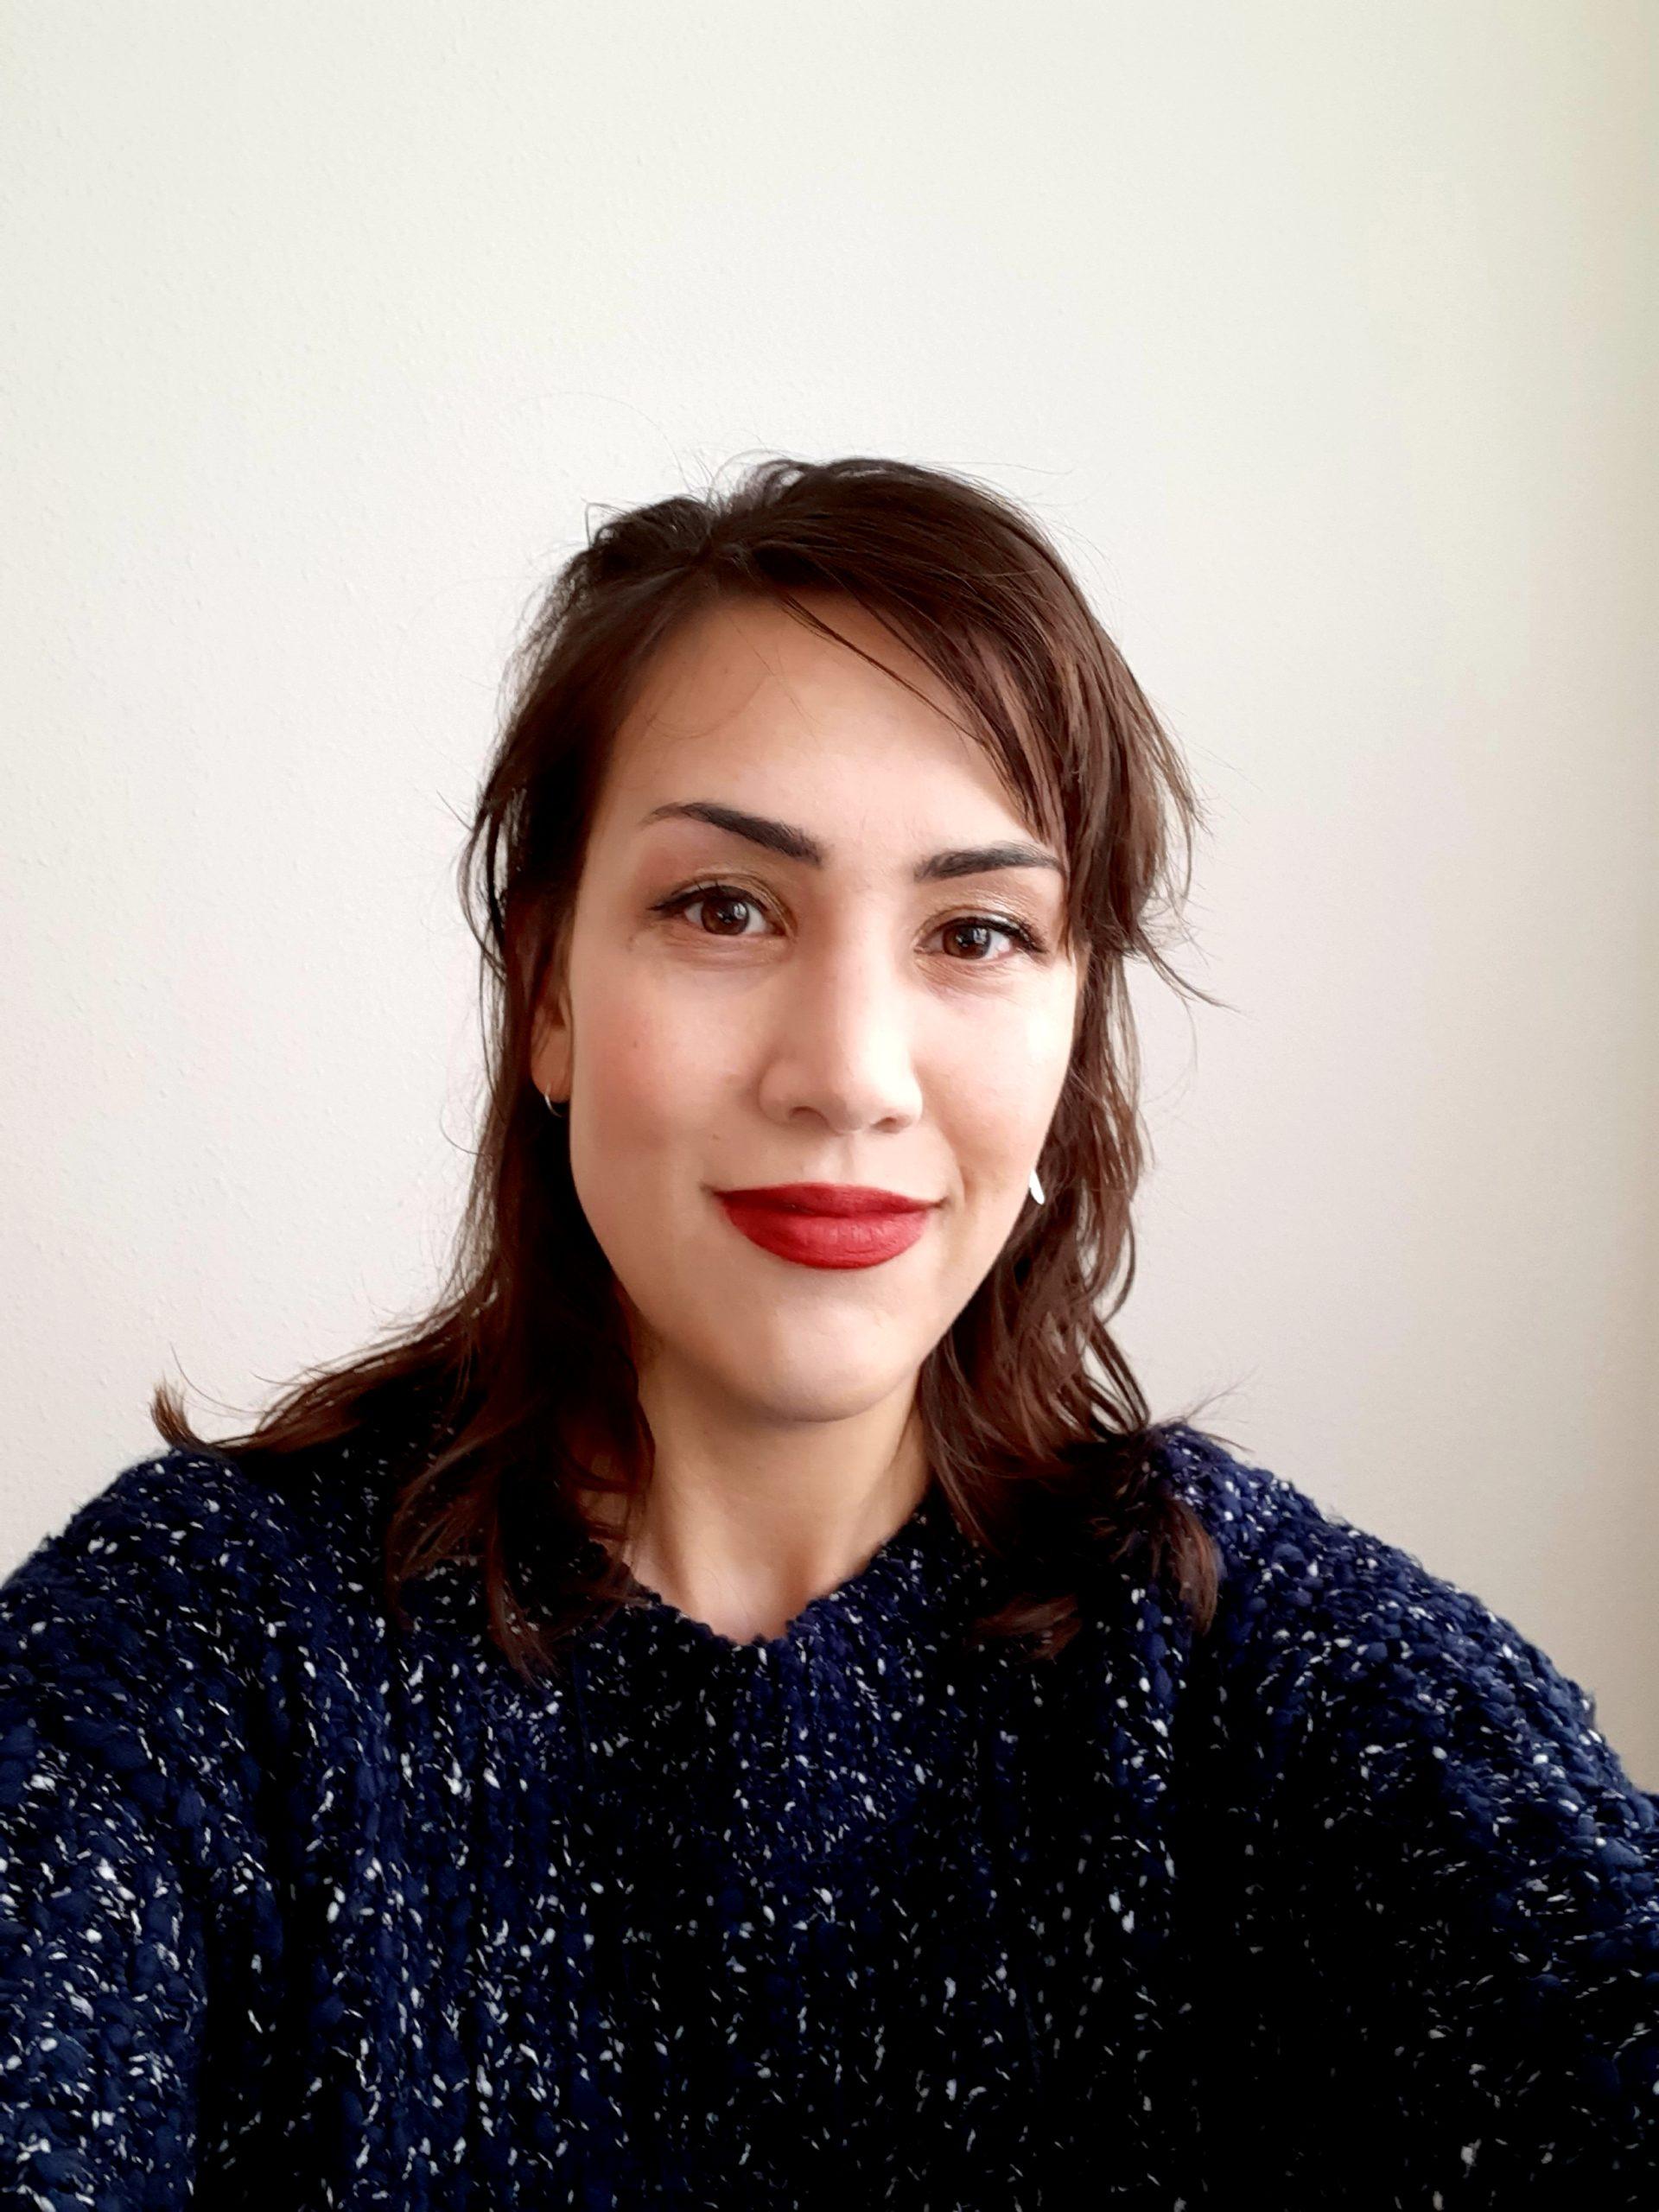 Amanda Tjoa